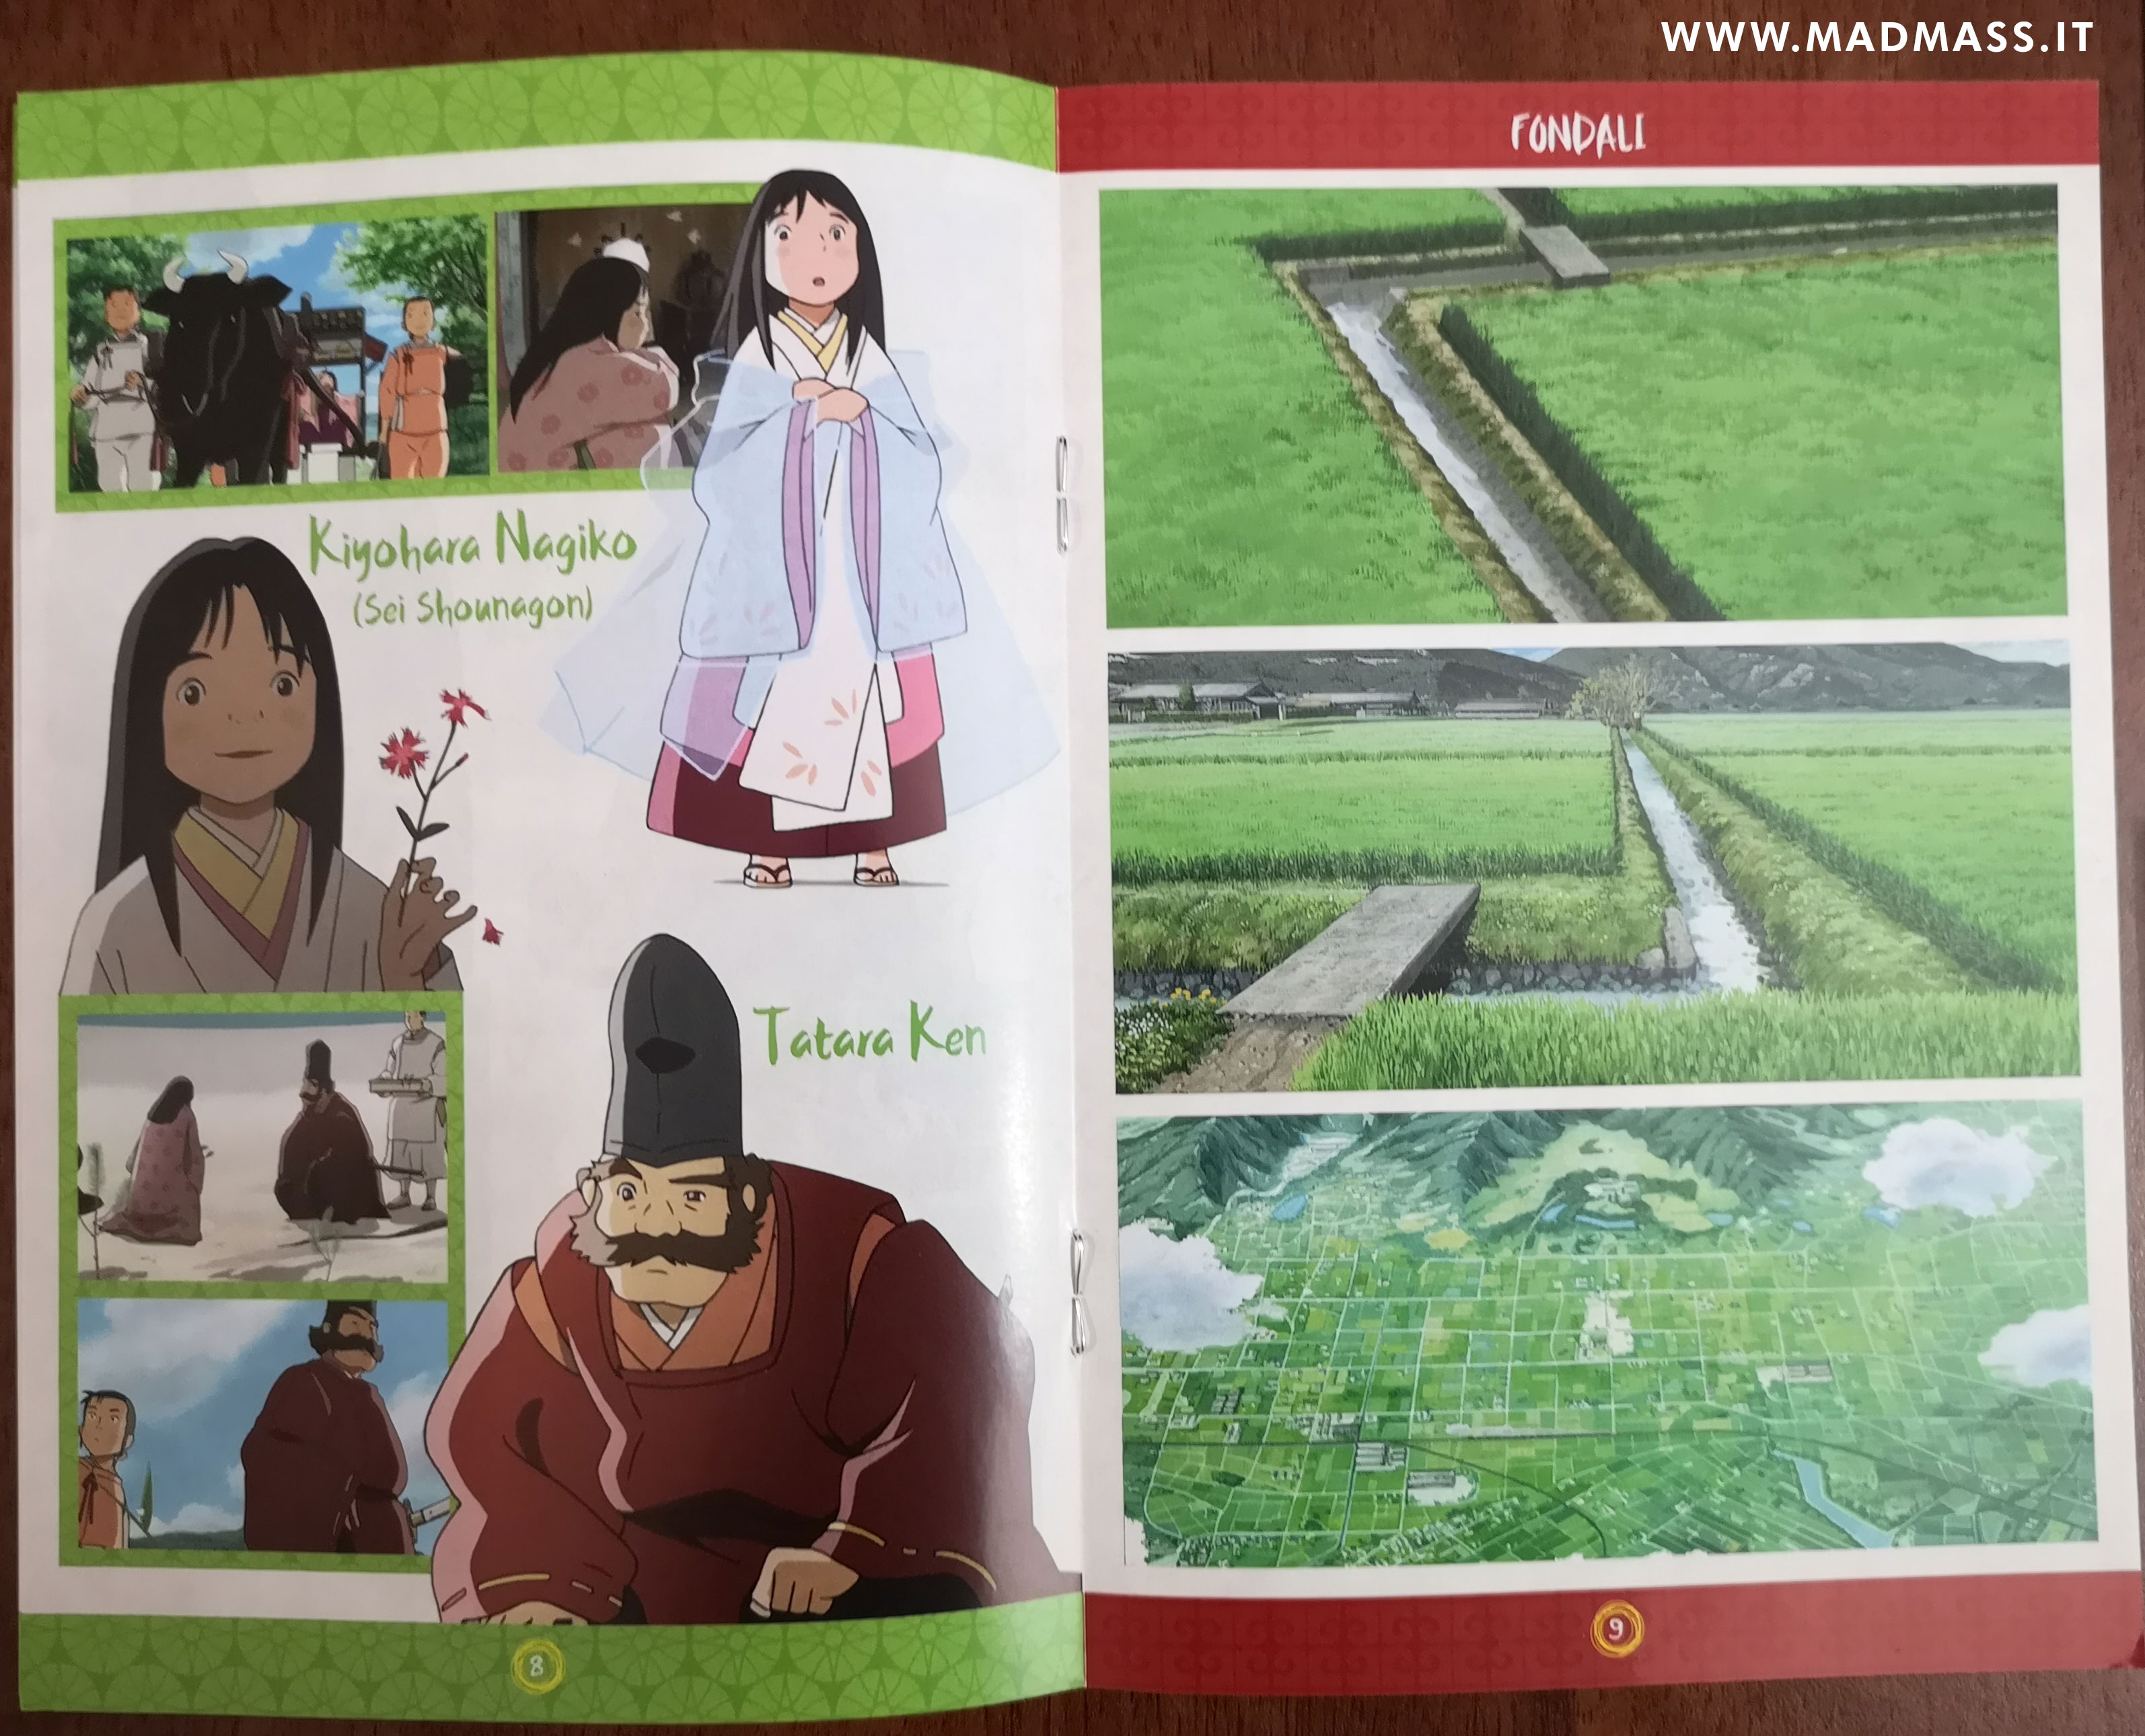 Il booklet a colori di 16 pagine